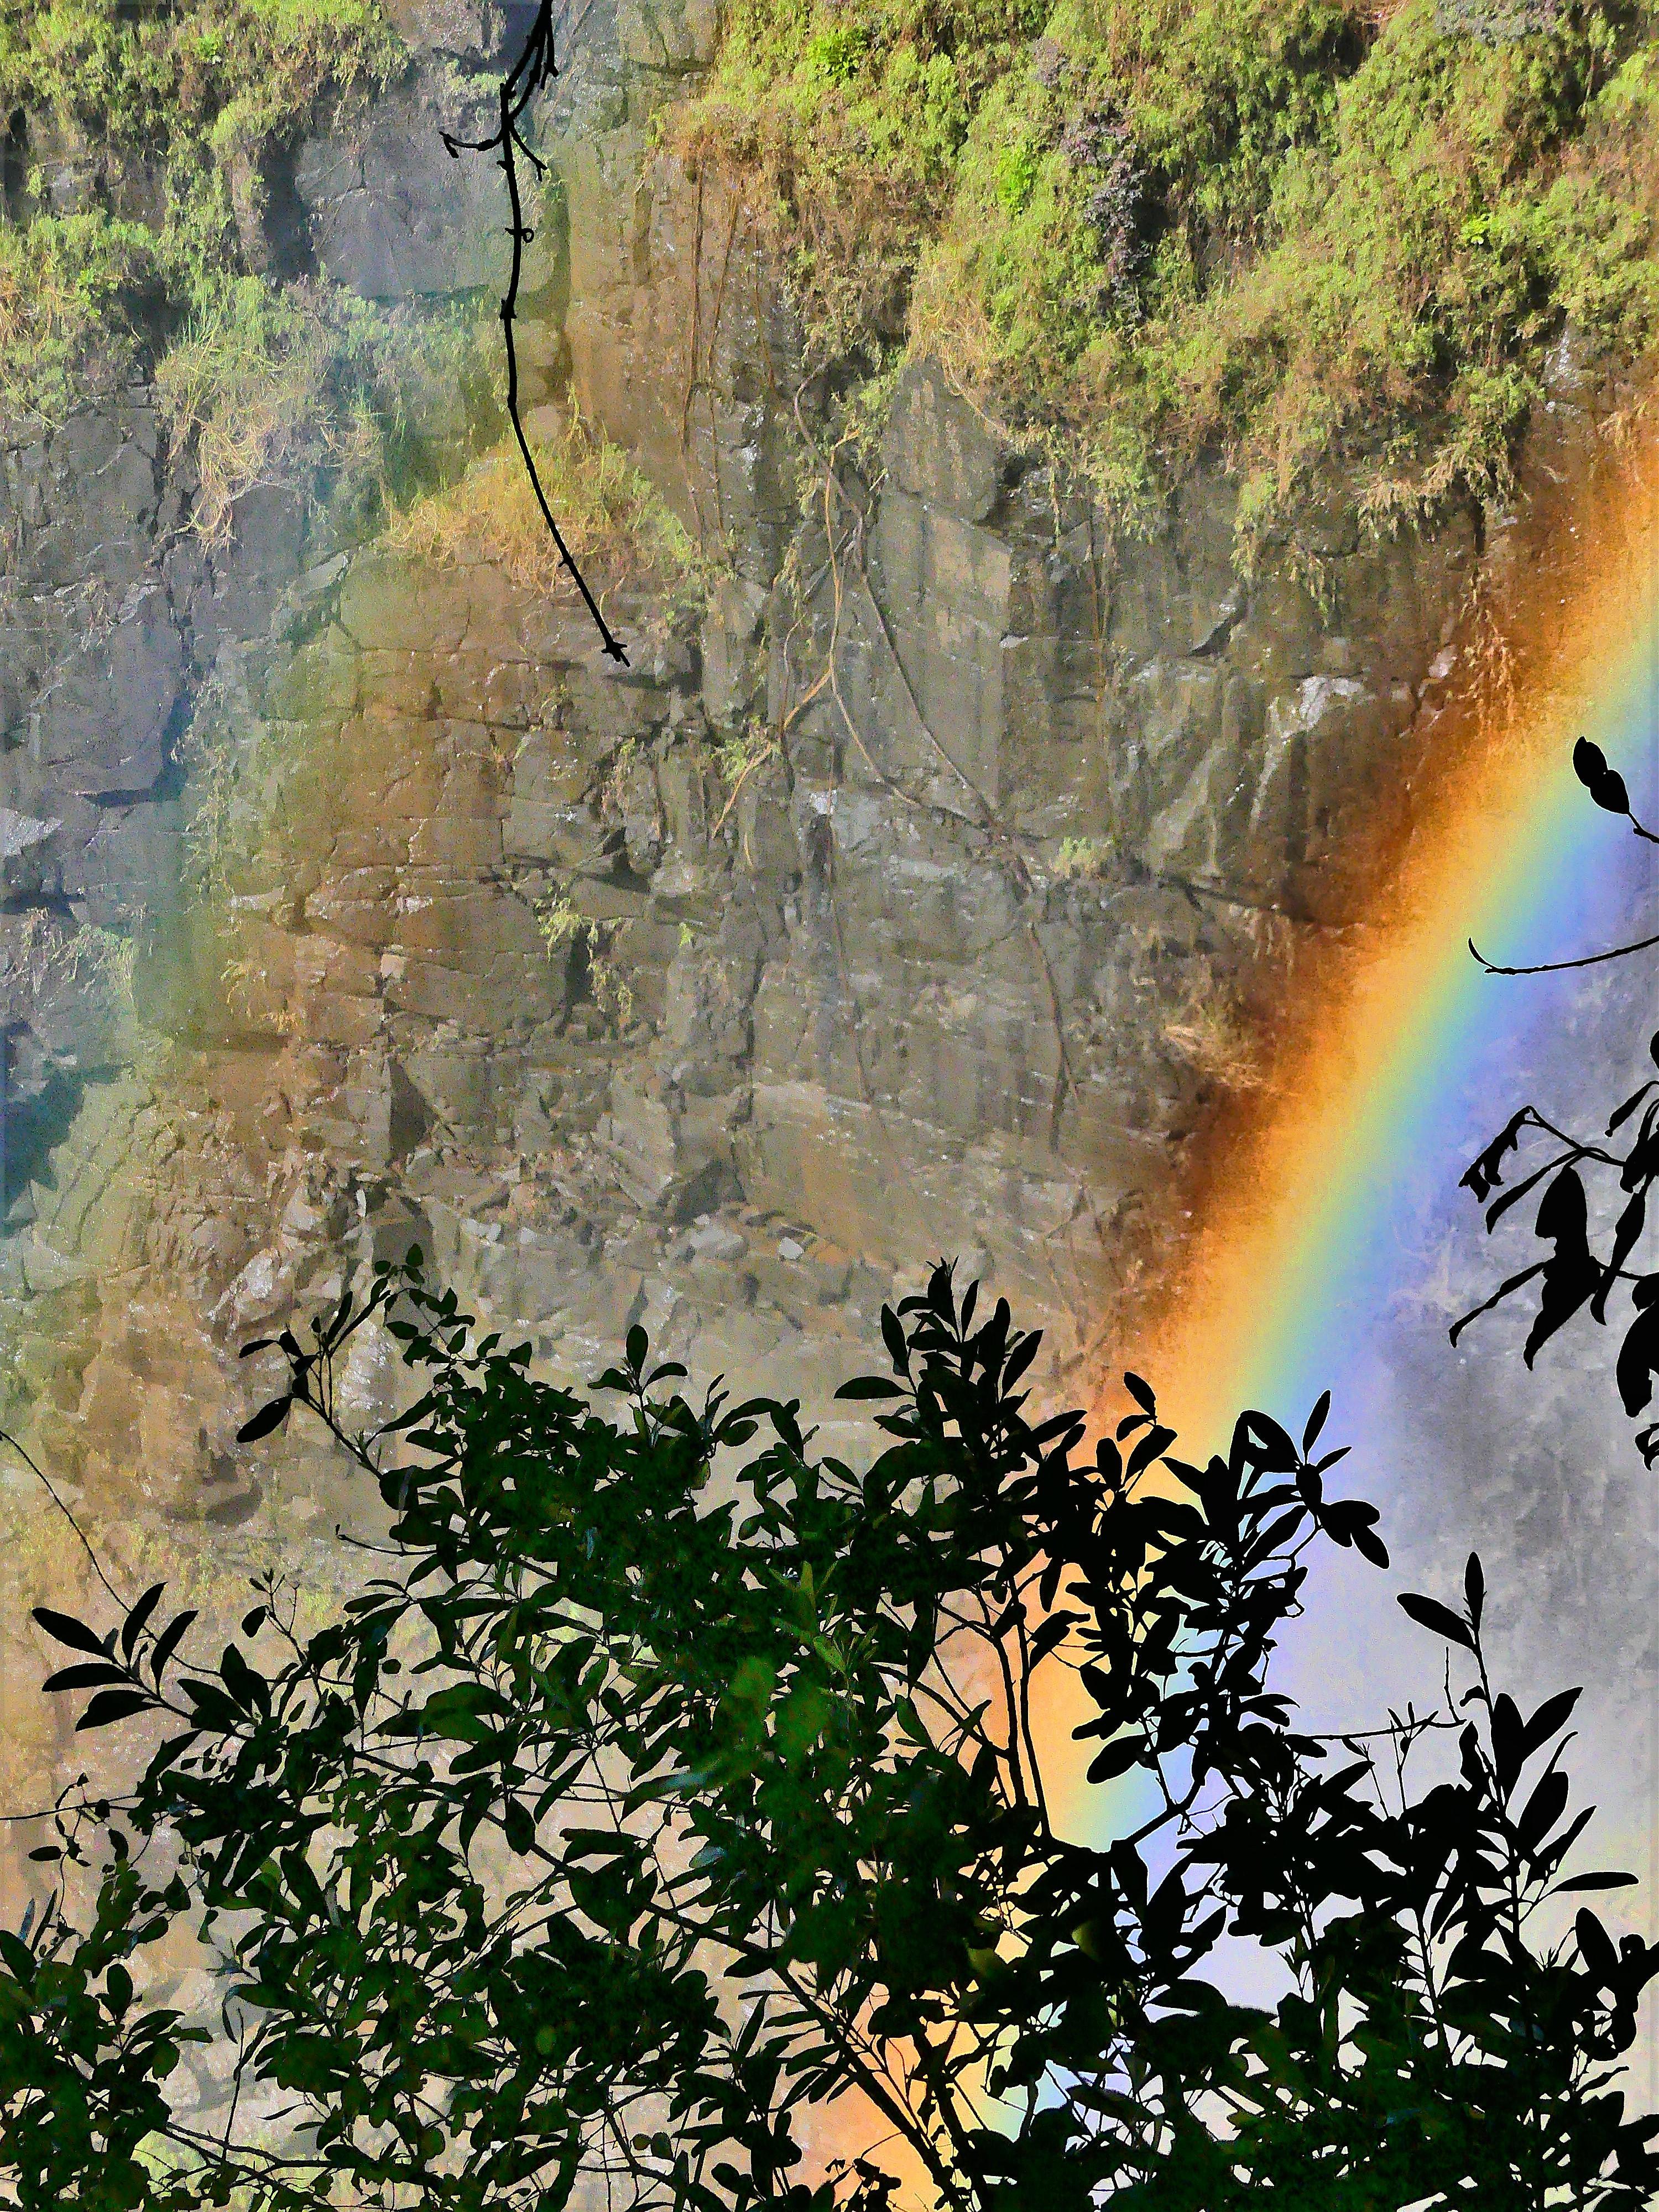 misting rainbows